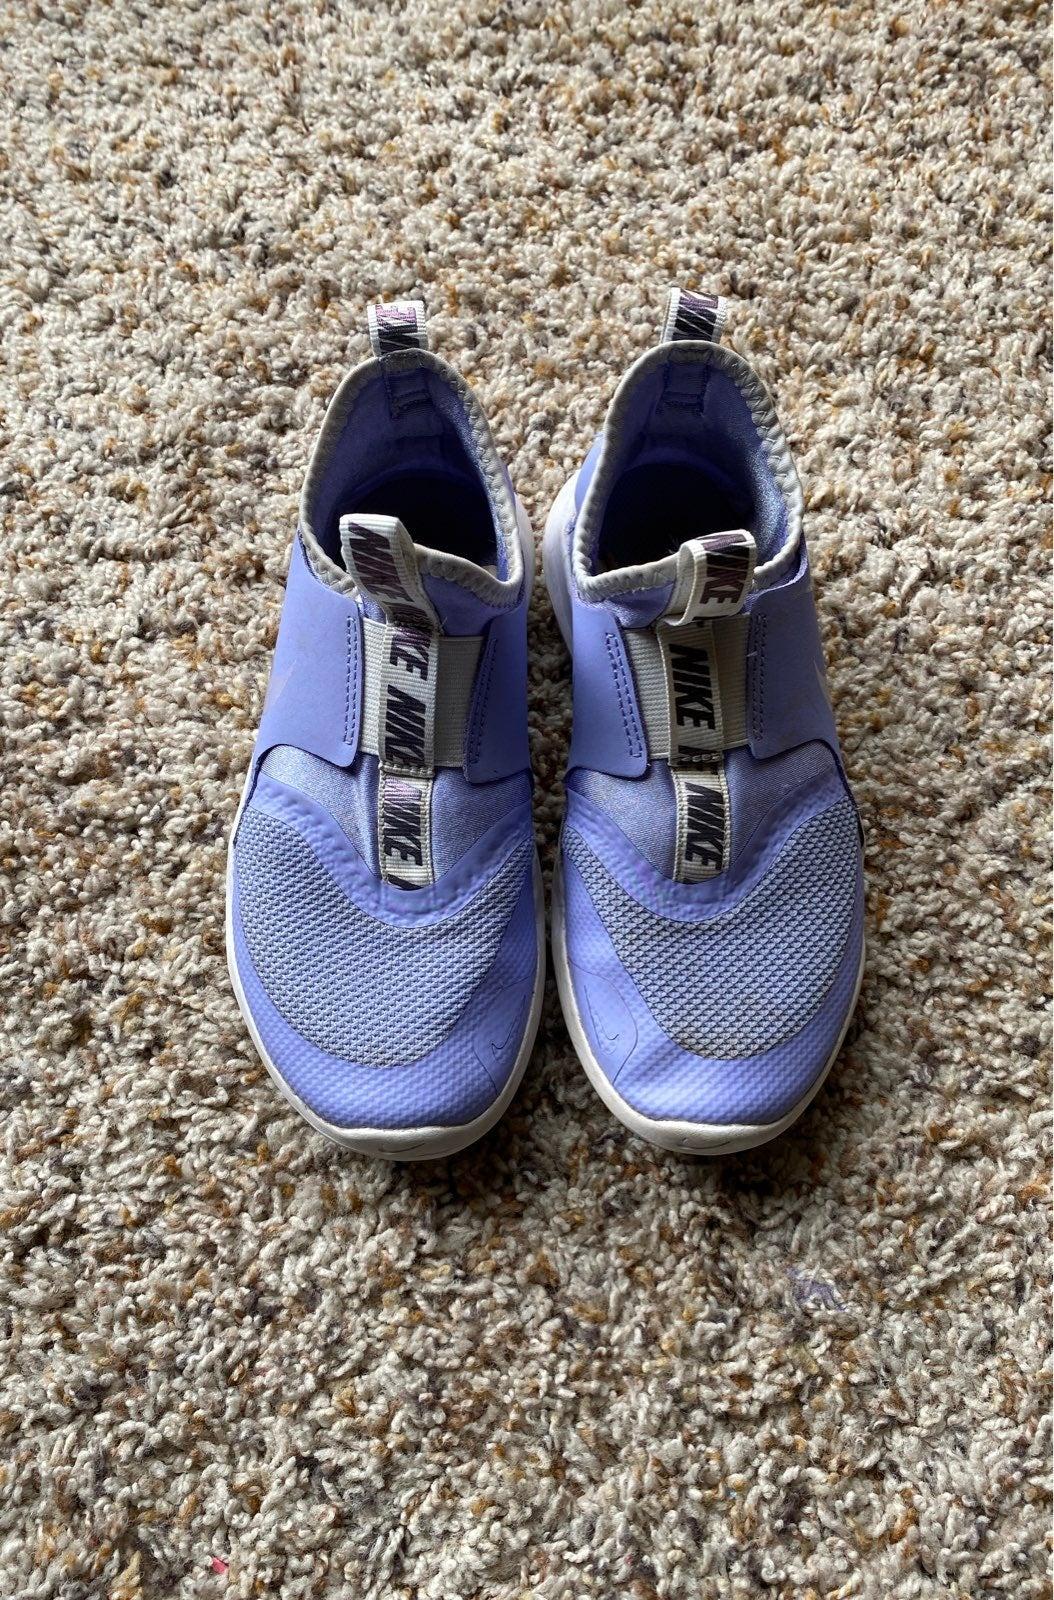 Girls Nike Flex Runner Sneakers